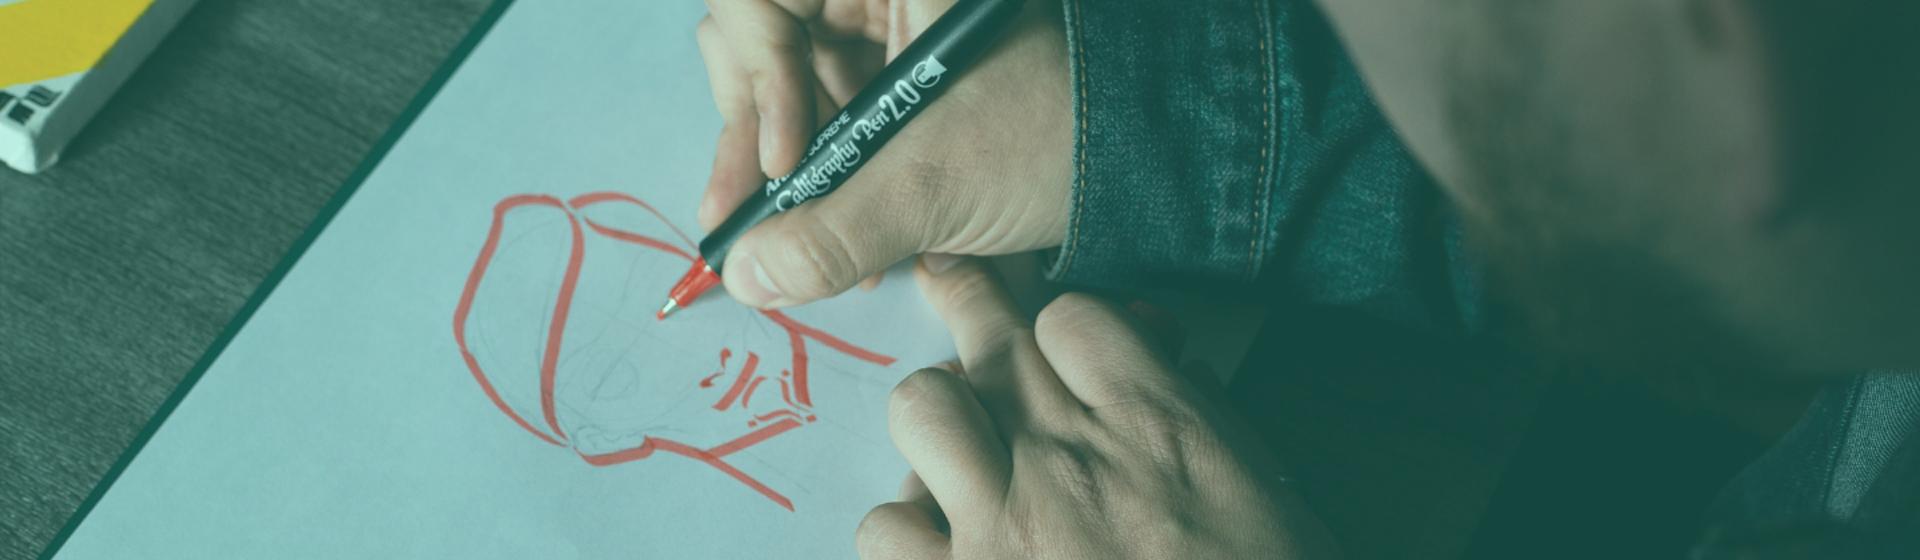 Crea un portfolio de ilustración increíble que deje a tus clientes boquiabiertos